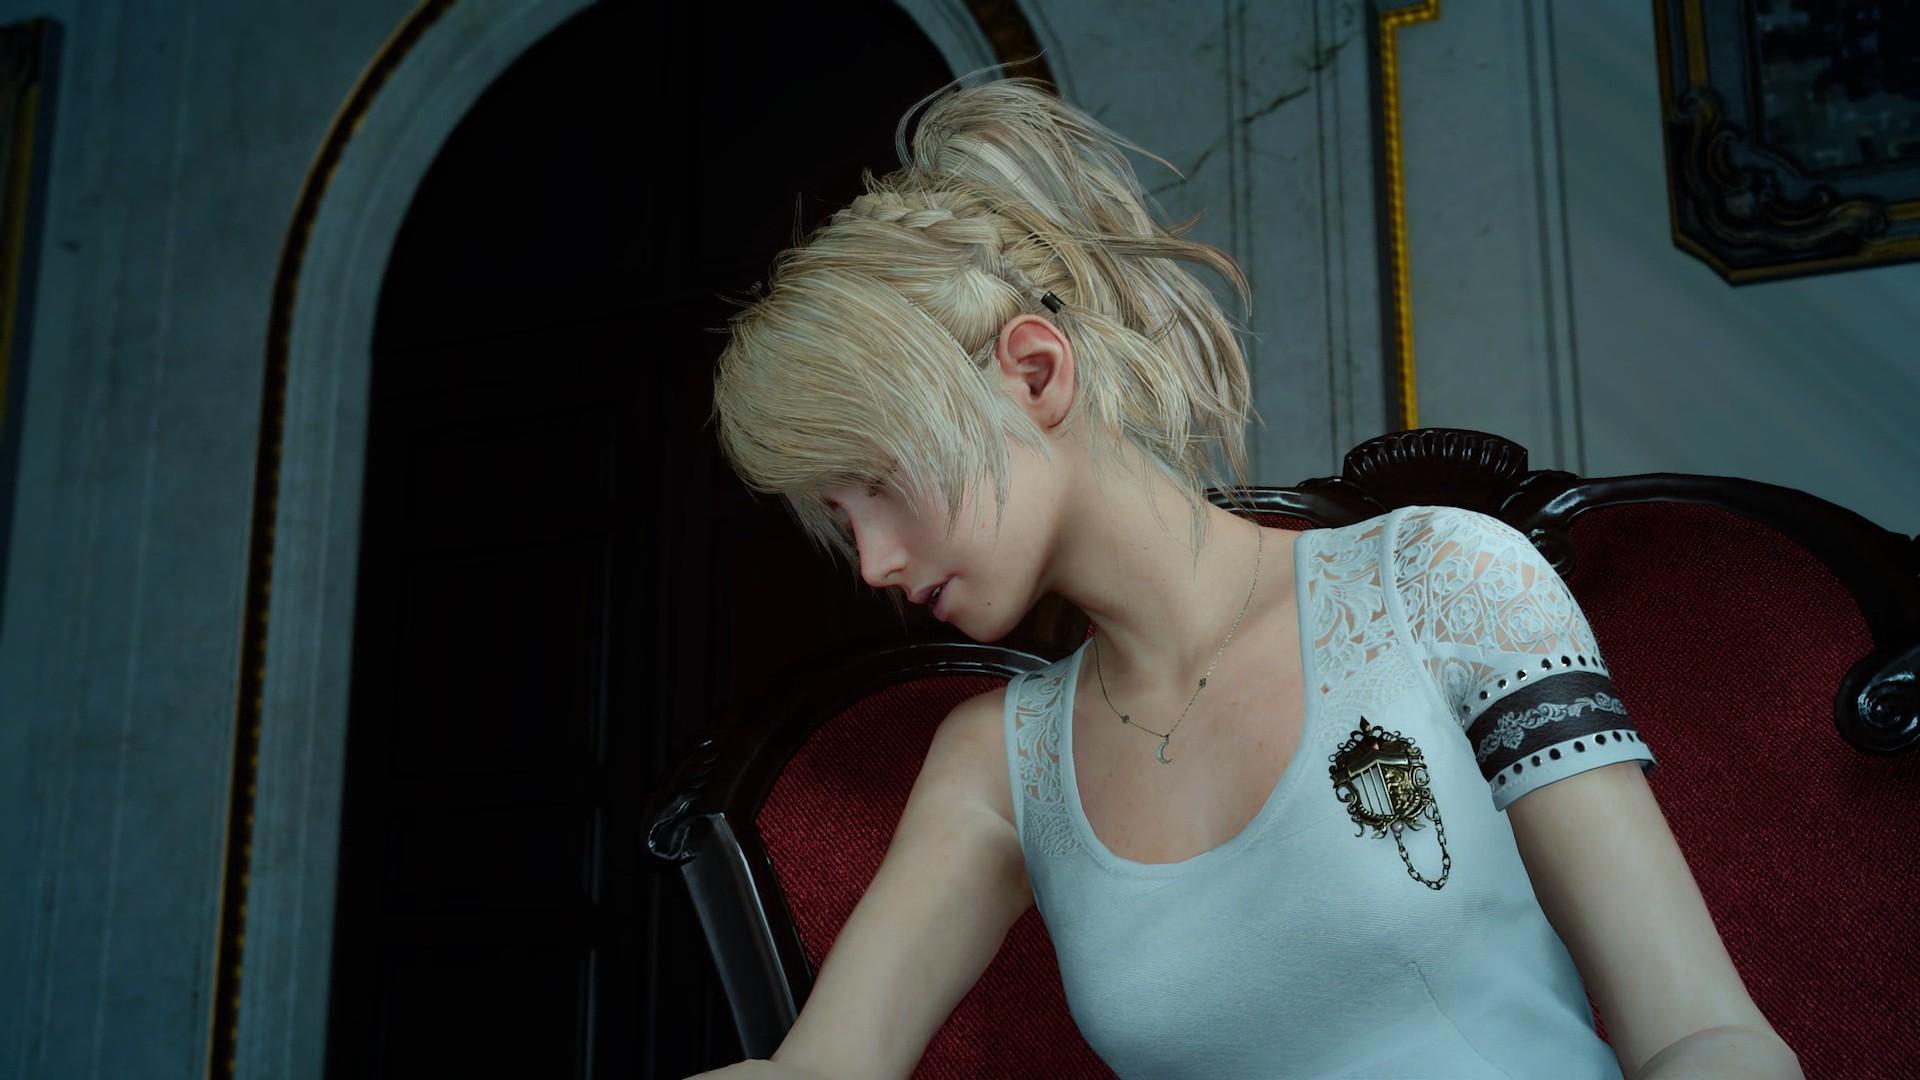 20181002124338_1.jpg - Final Fantasy 15